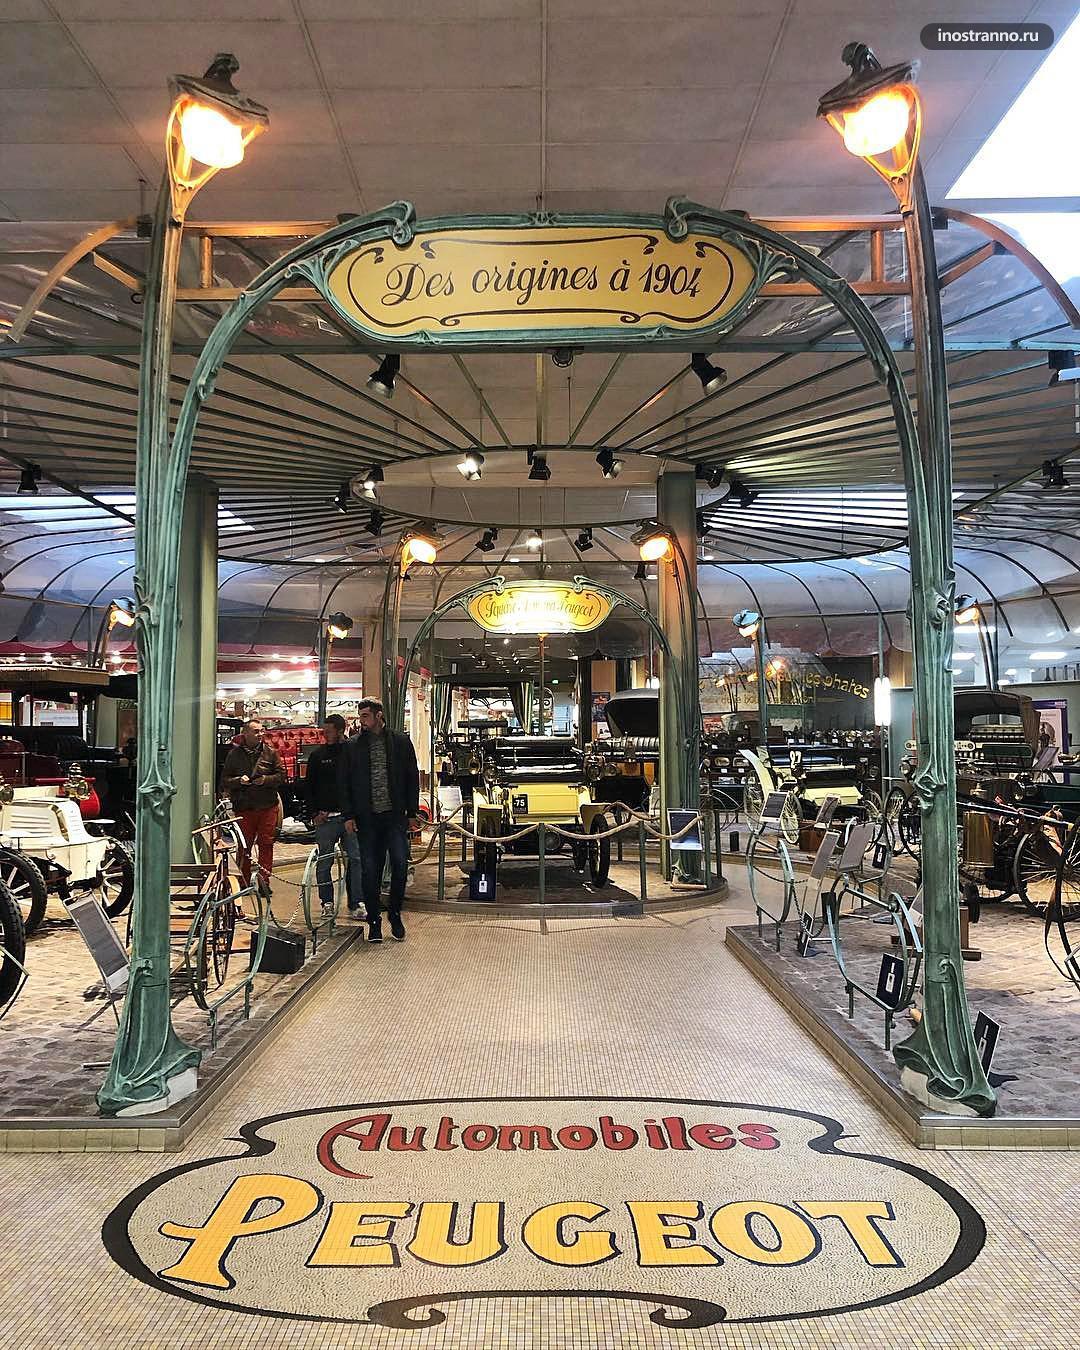 Пежо автомобильный музей во Франции